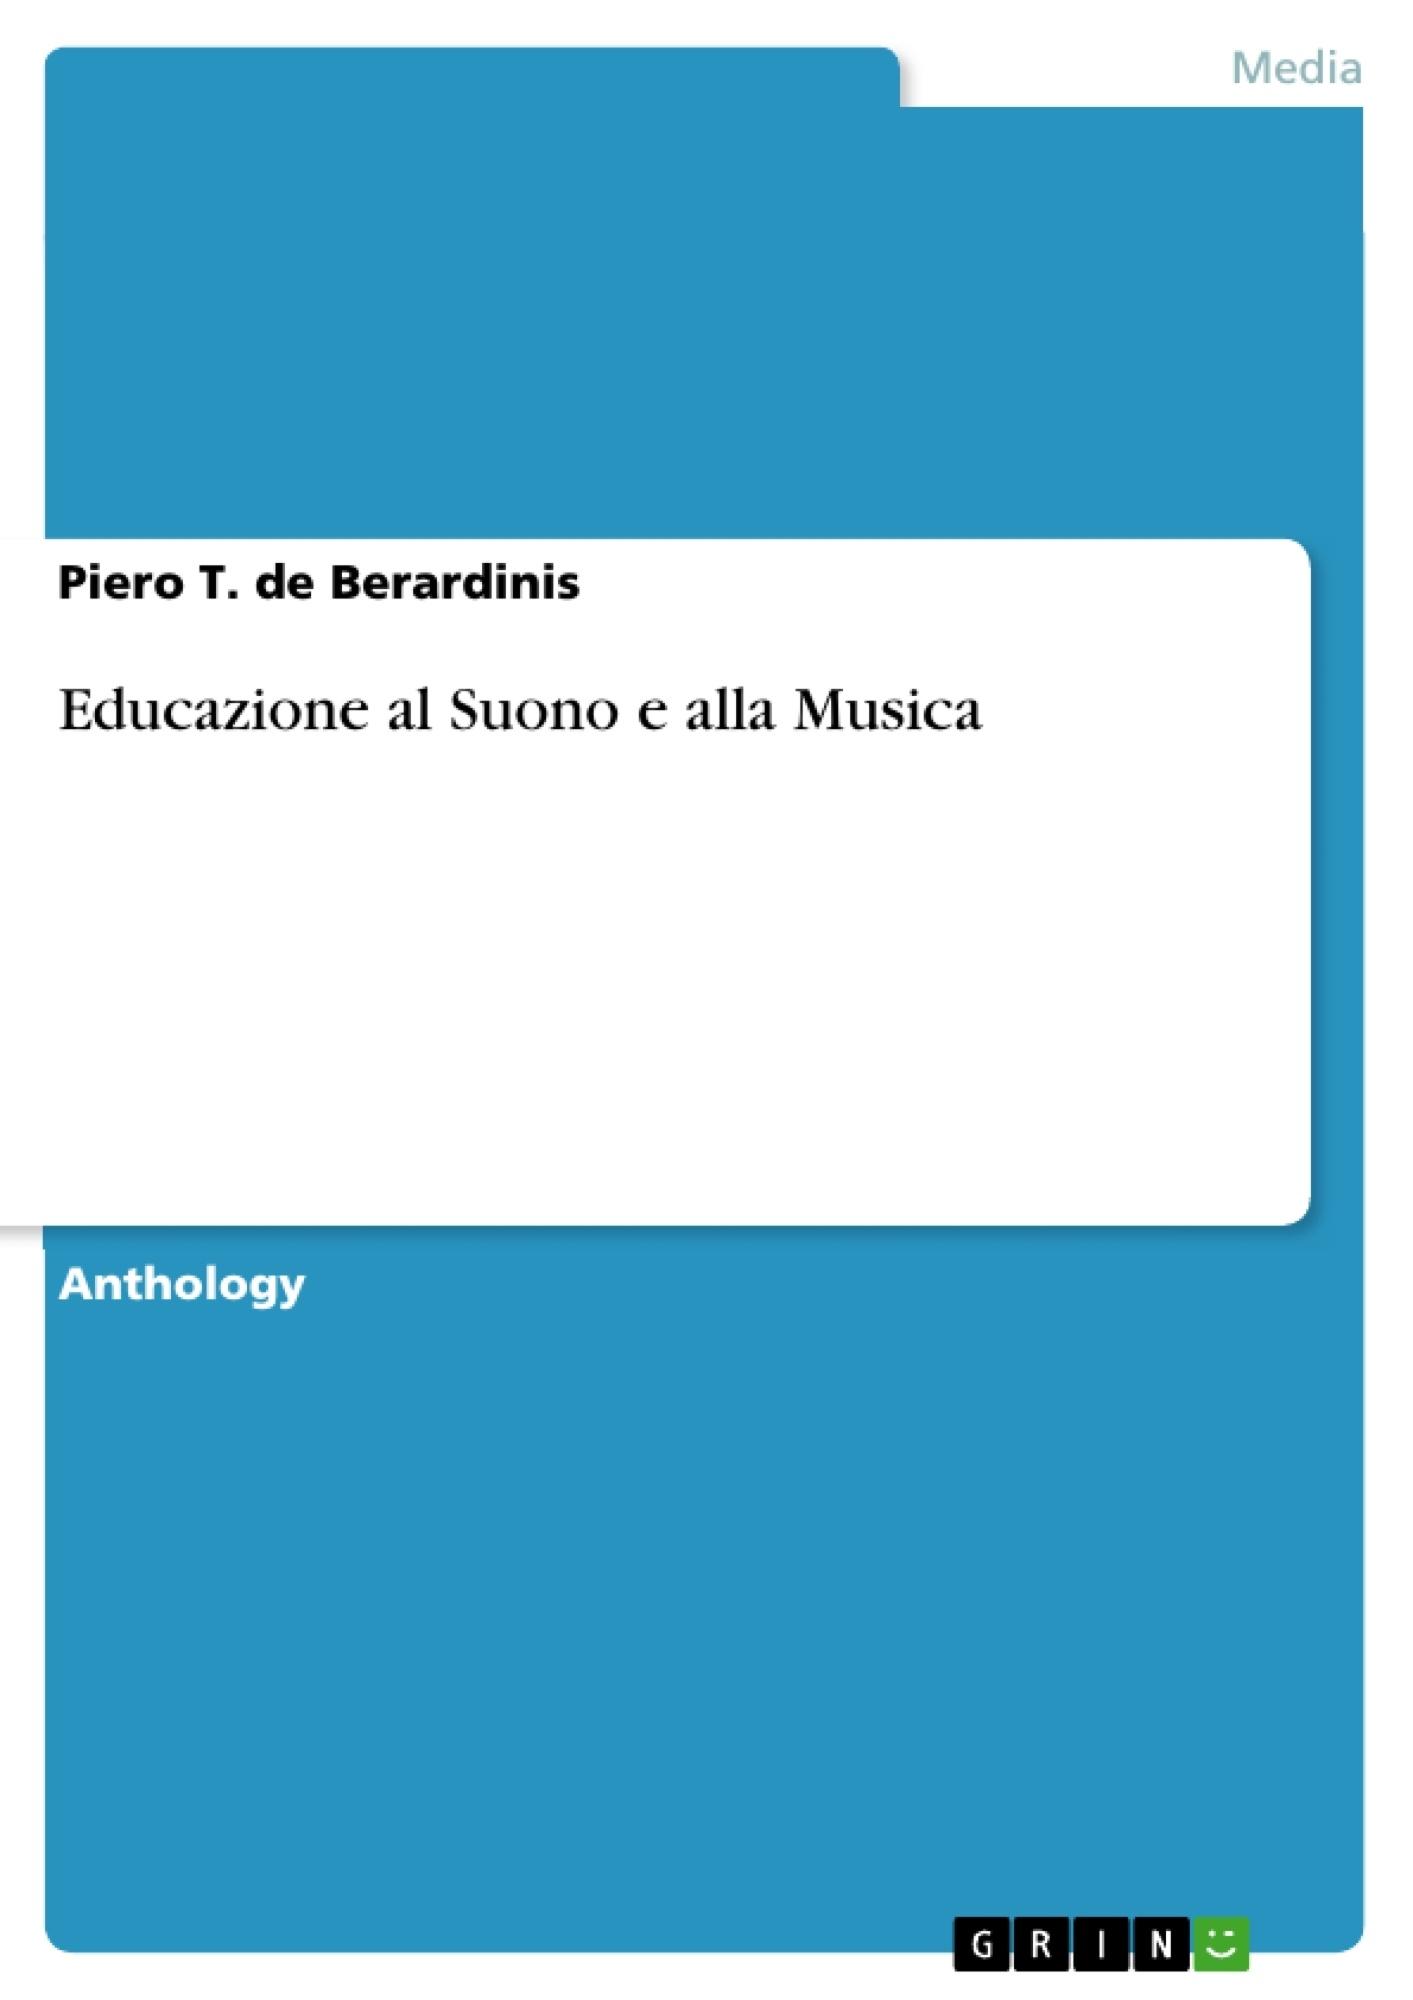 Title: Educazione al Suono e alla Musica